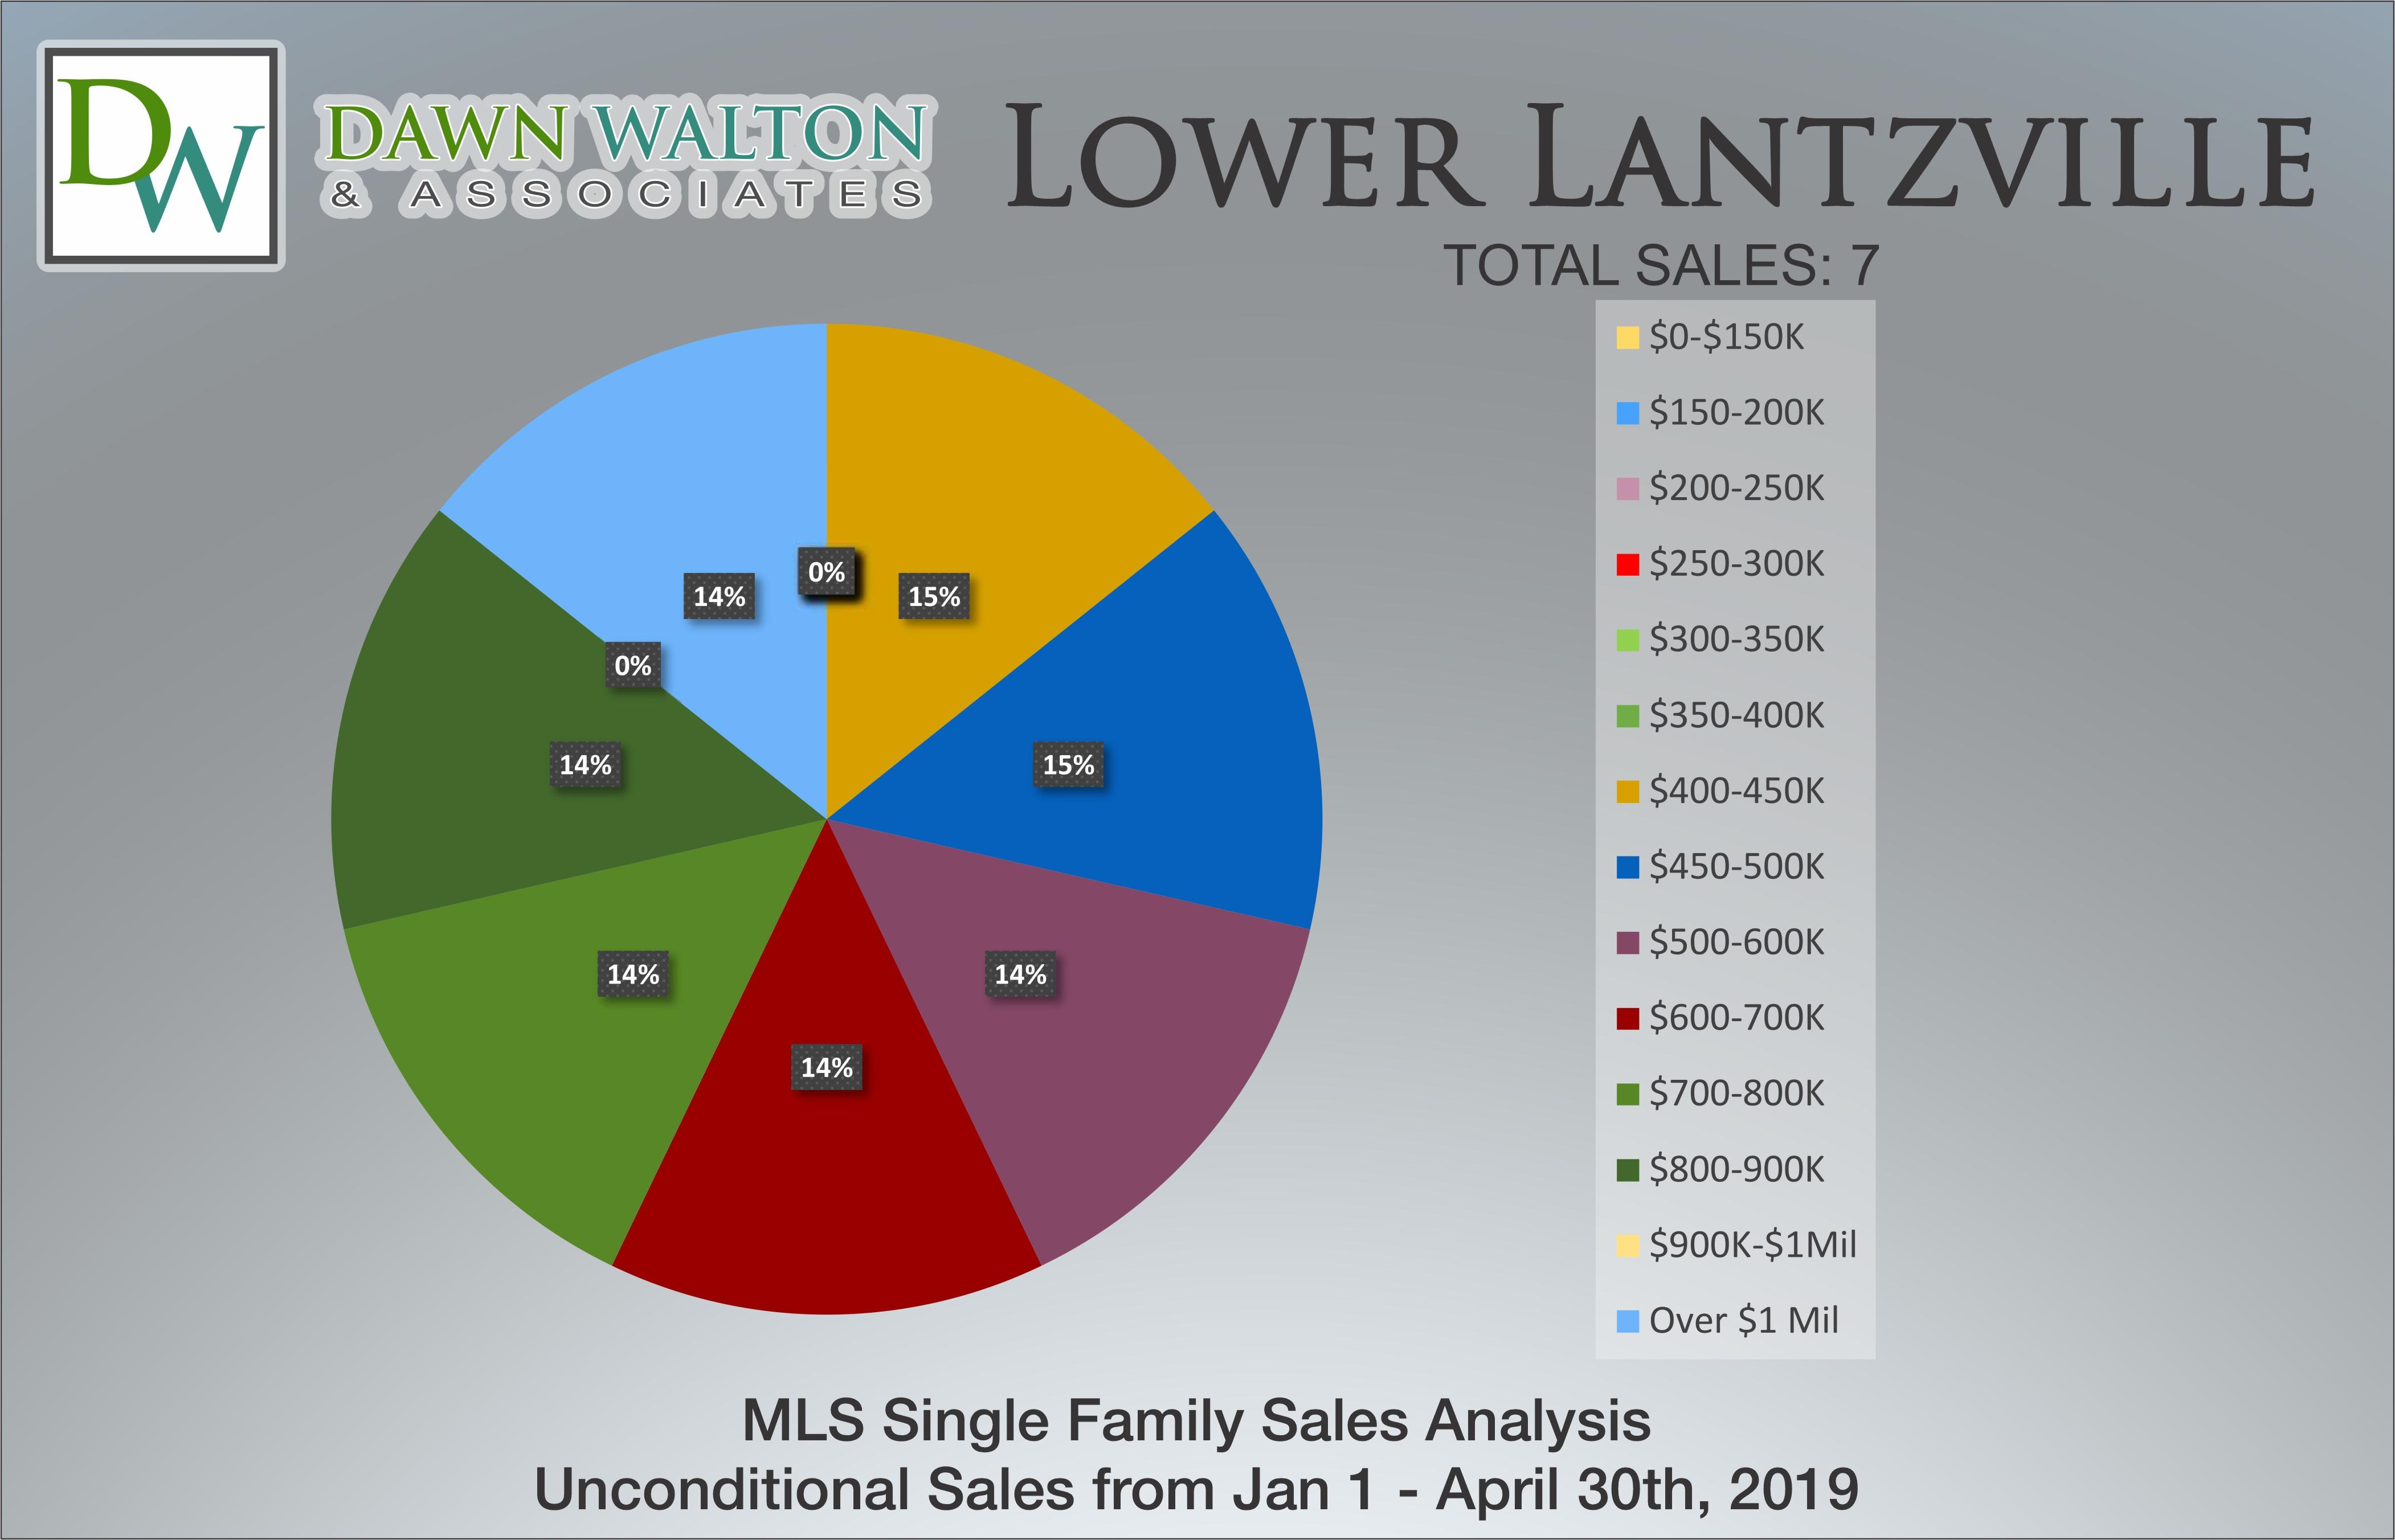 Lower Lantzville Real Estate Market Stats Price Percentage Jan 1 - April 30, 2019 - Nanaimo Realtor Dawn Walton